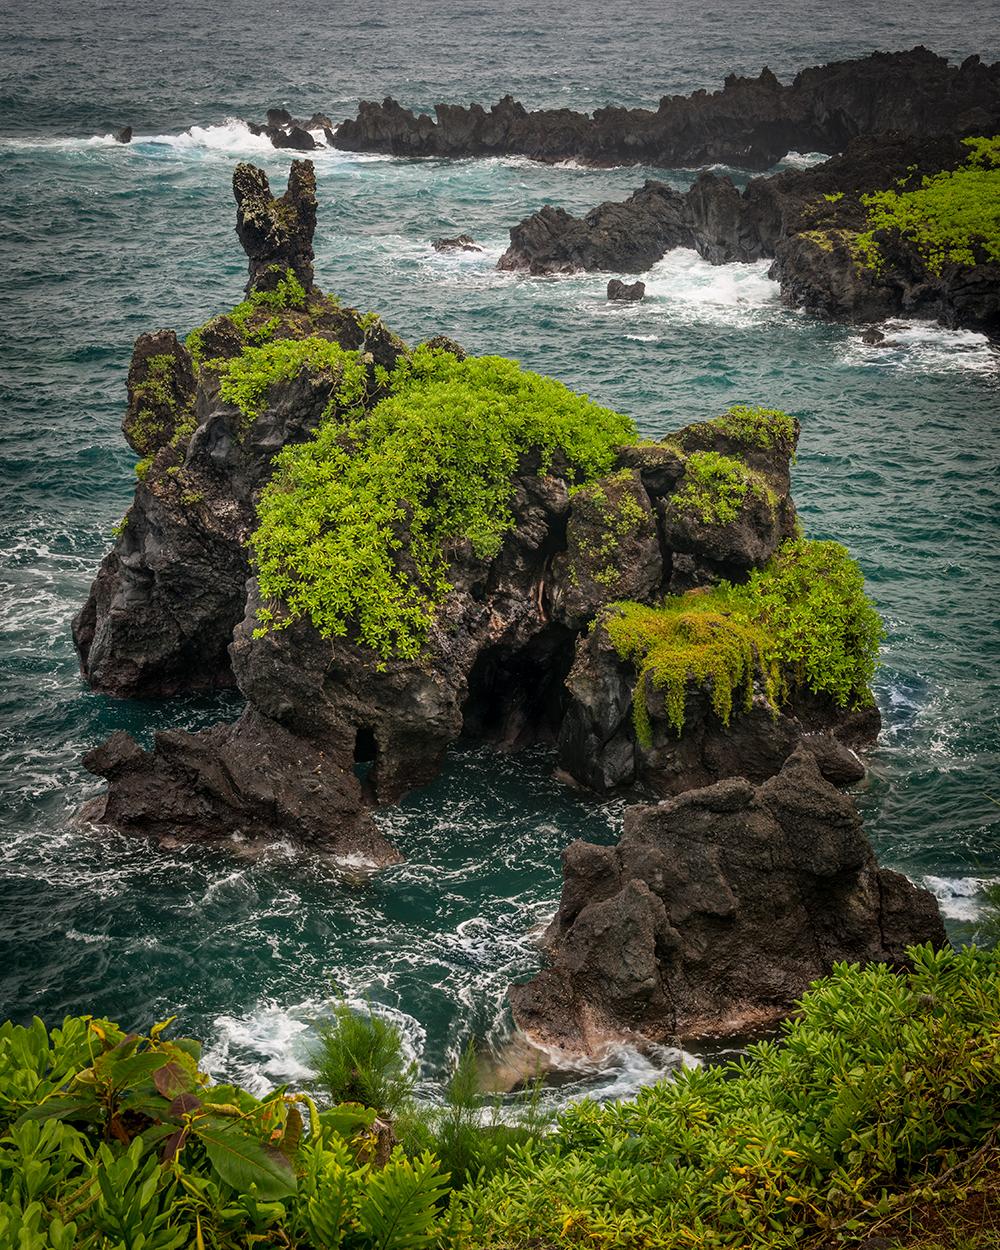 #lava, #island, #maui, #waterscape, #tropical, #erosion